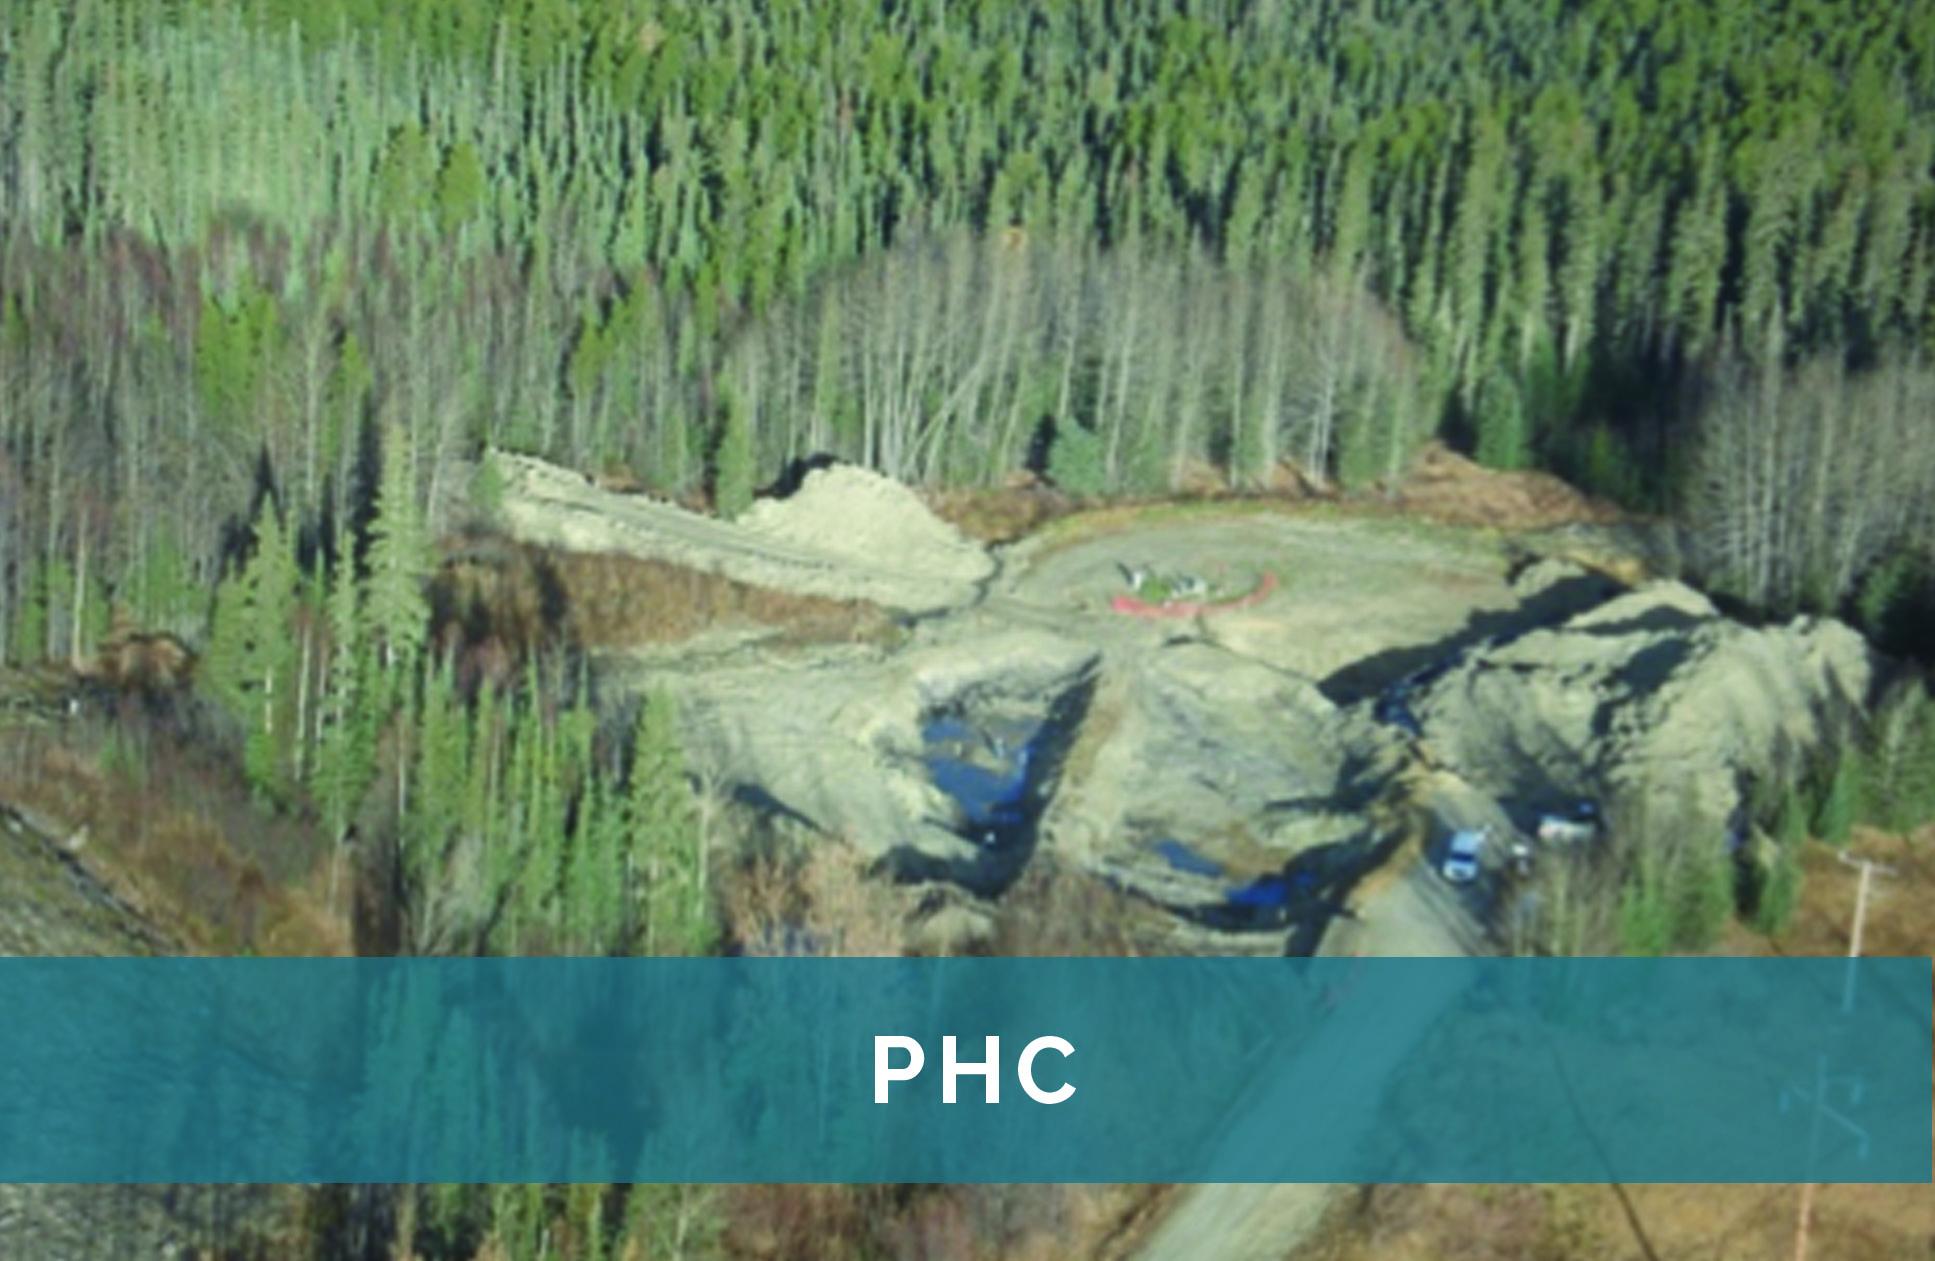 PHC - text